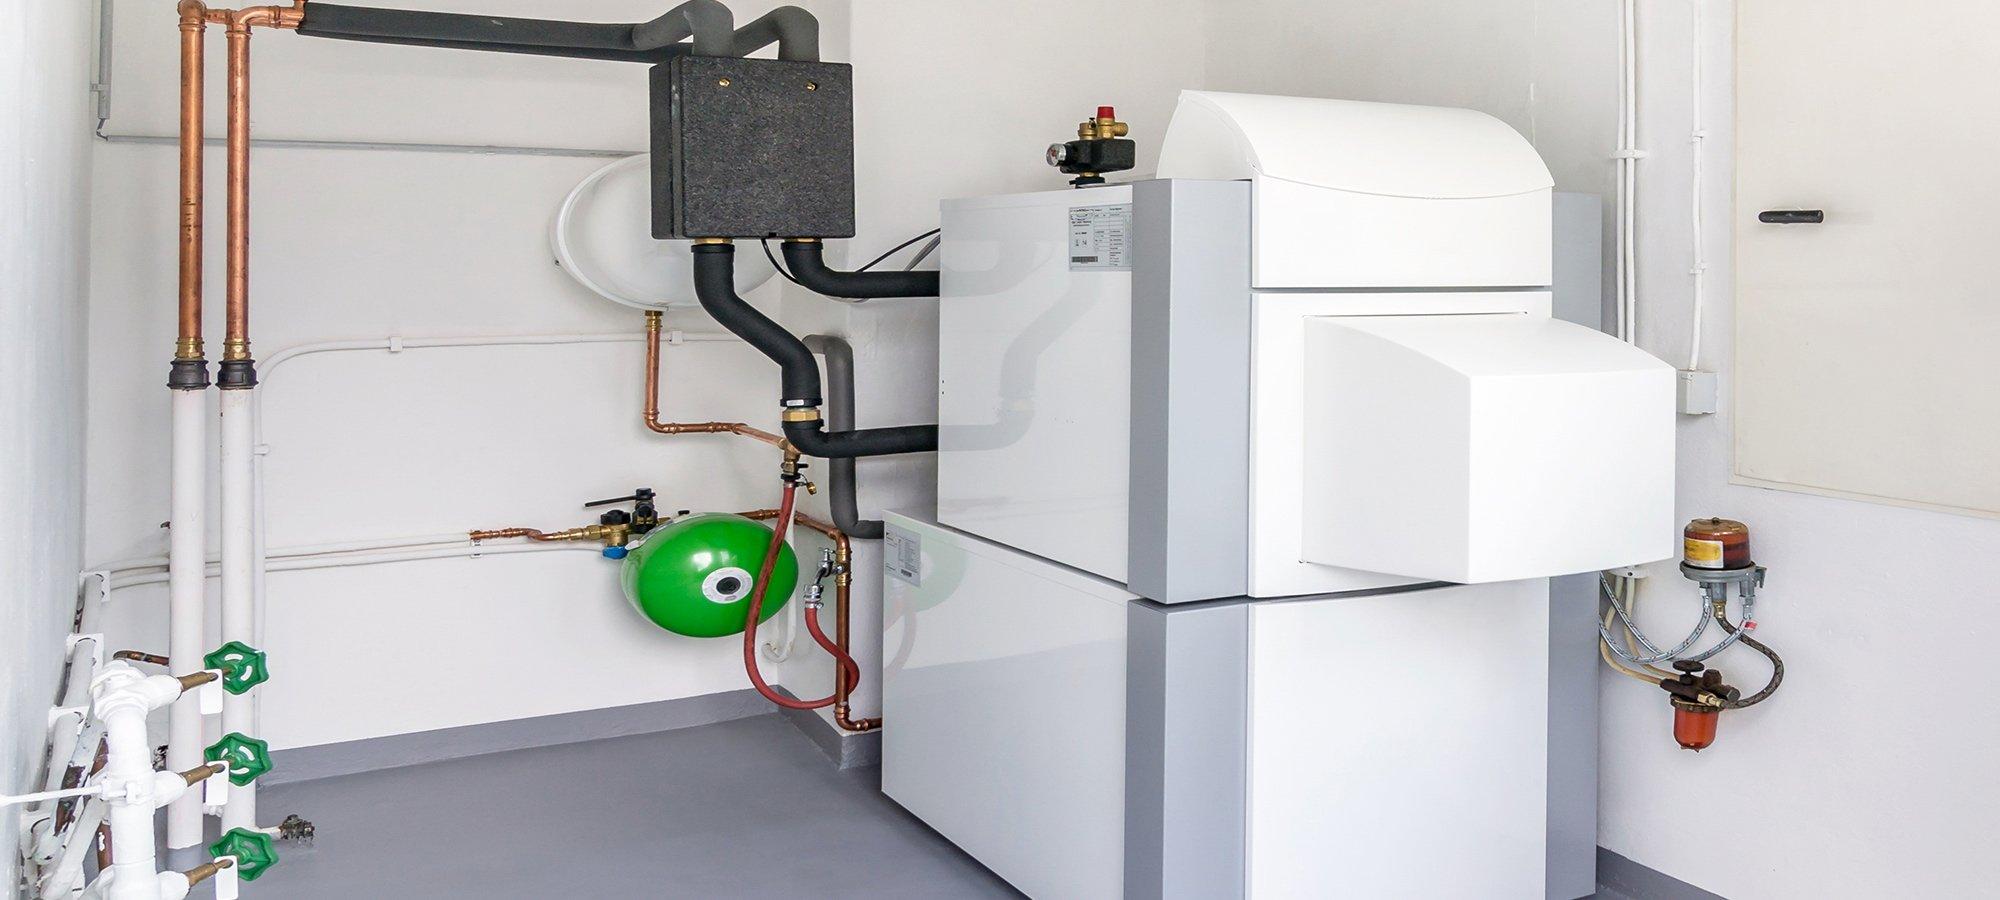 Impianto di caldaie per uso domestico a Cesesna